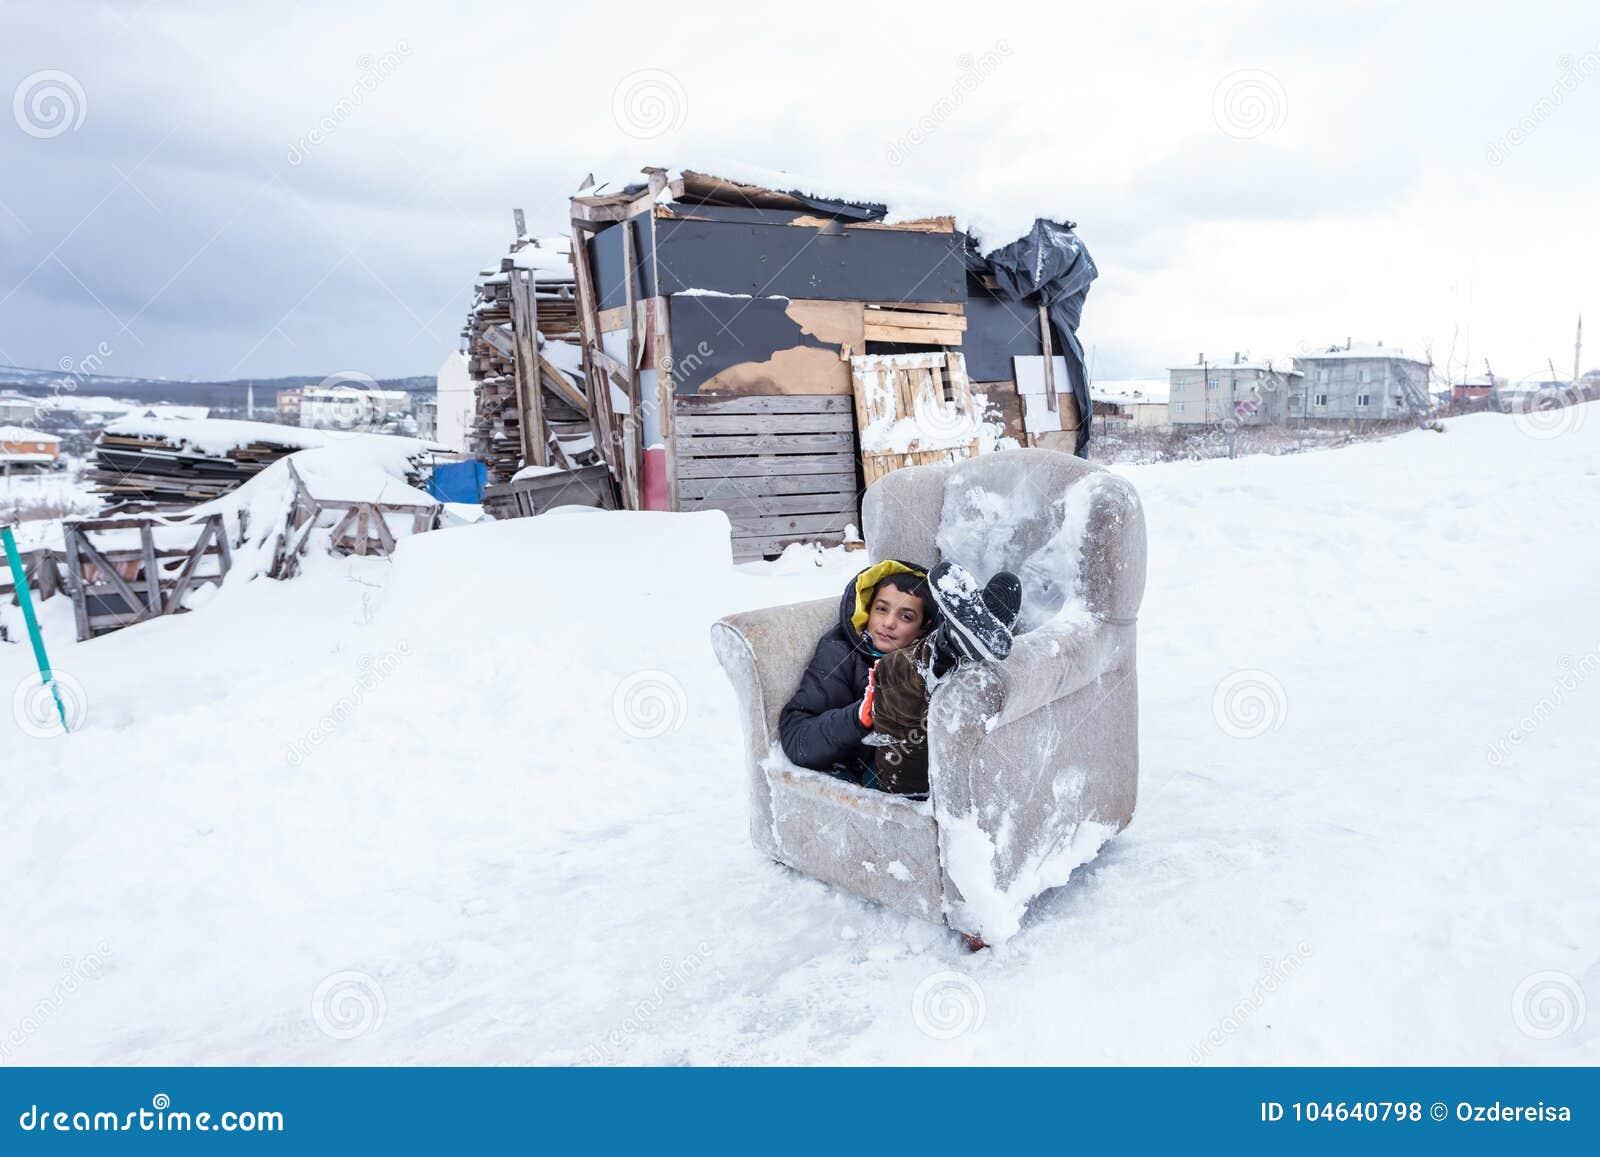 Download De Kinderen Glijden Op Sneeuw In Oude Schoolstijl Met Hardhout Redactionele Stock Foto - Afbeelding bestaande uit nave, vrolijkheid: 104640798